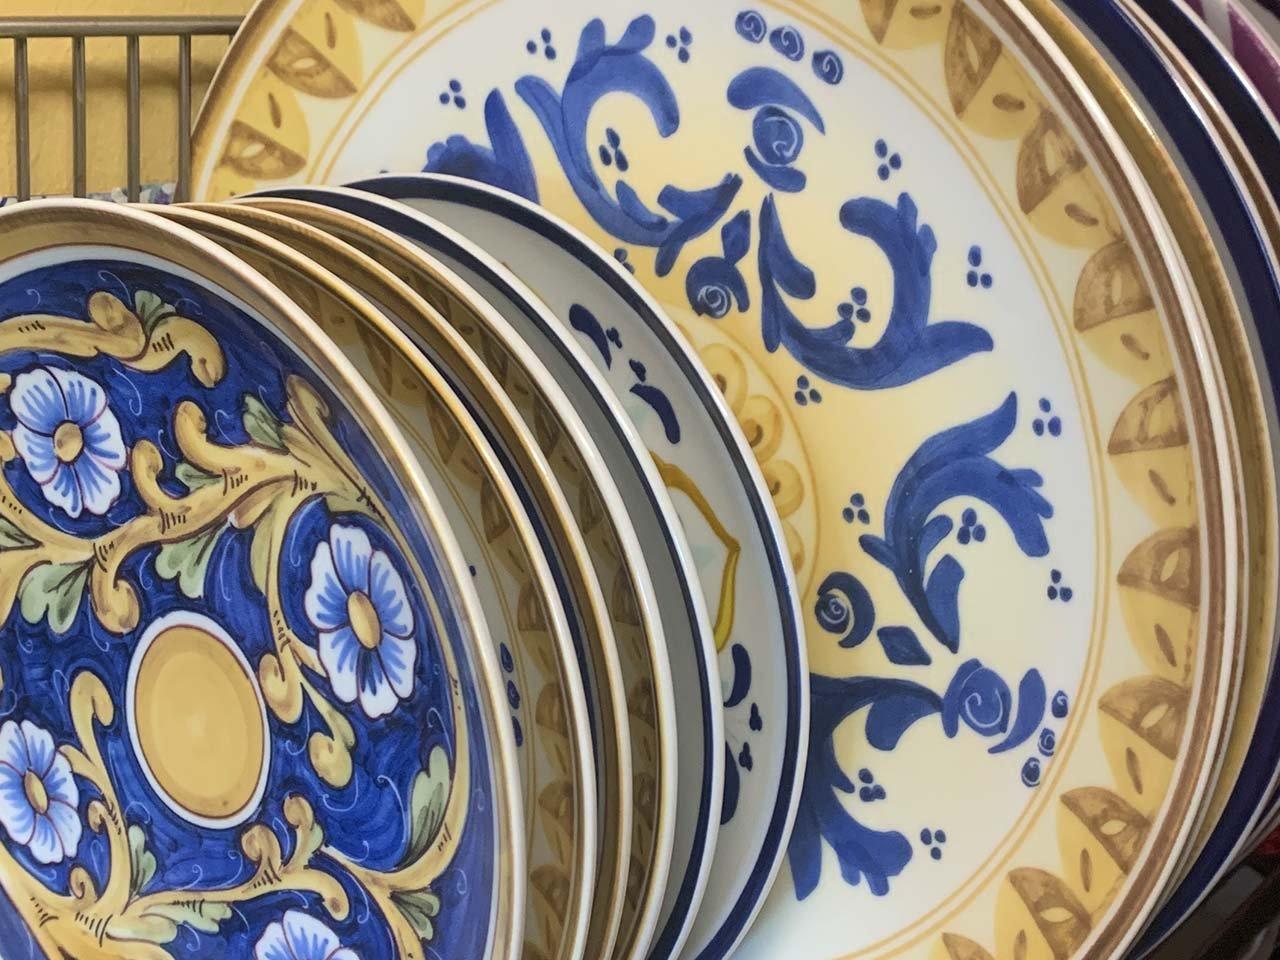 Scopri i Testimonial del prodotto Servizio tavola Sicilia 18 pezzi in porcellana e gres